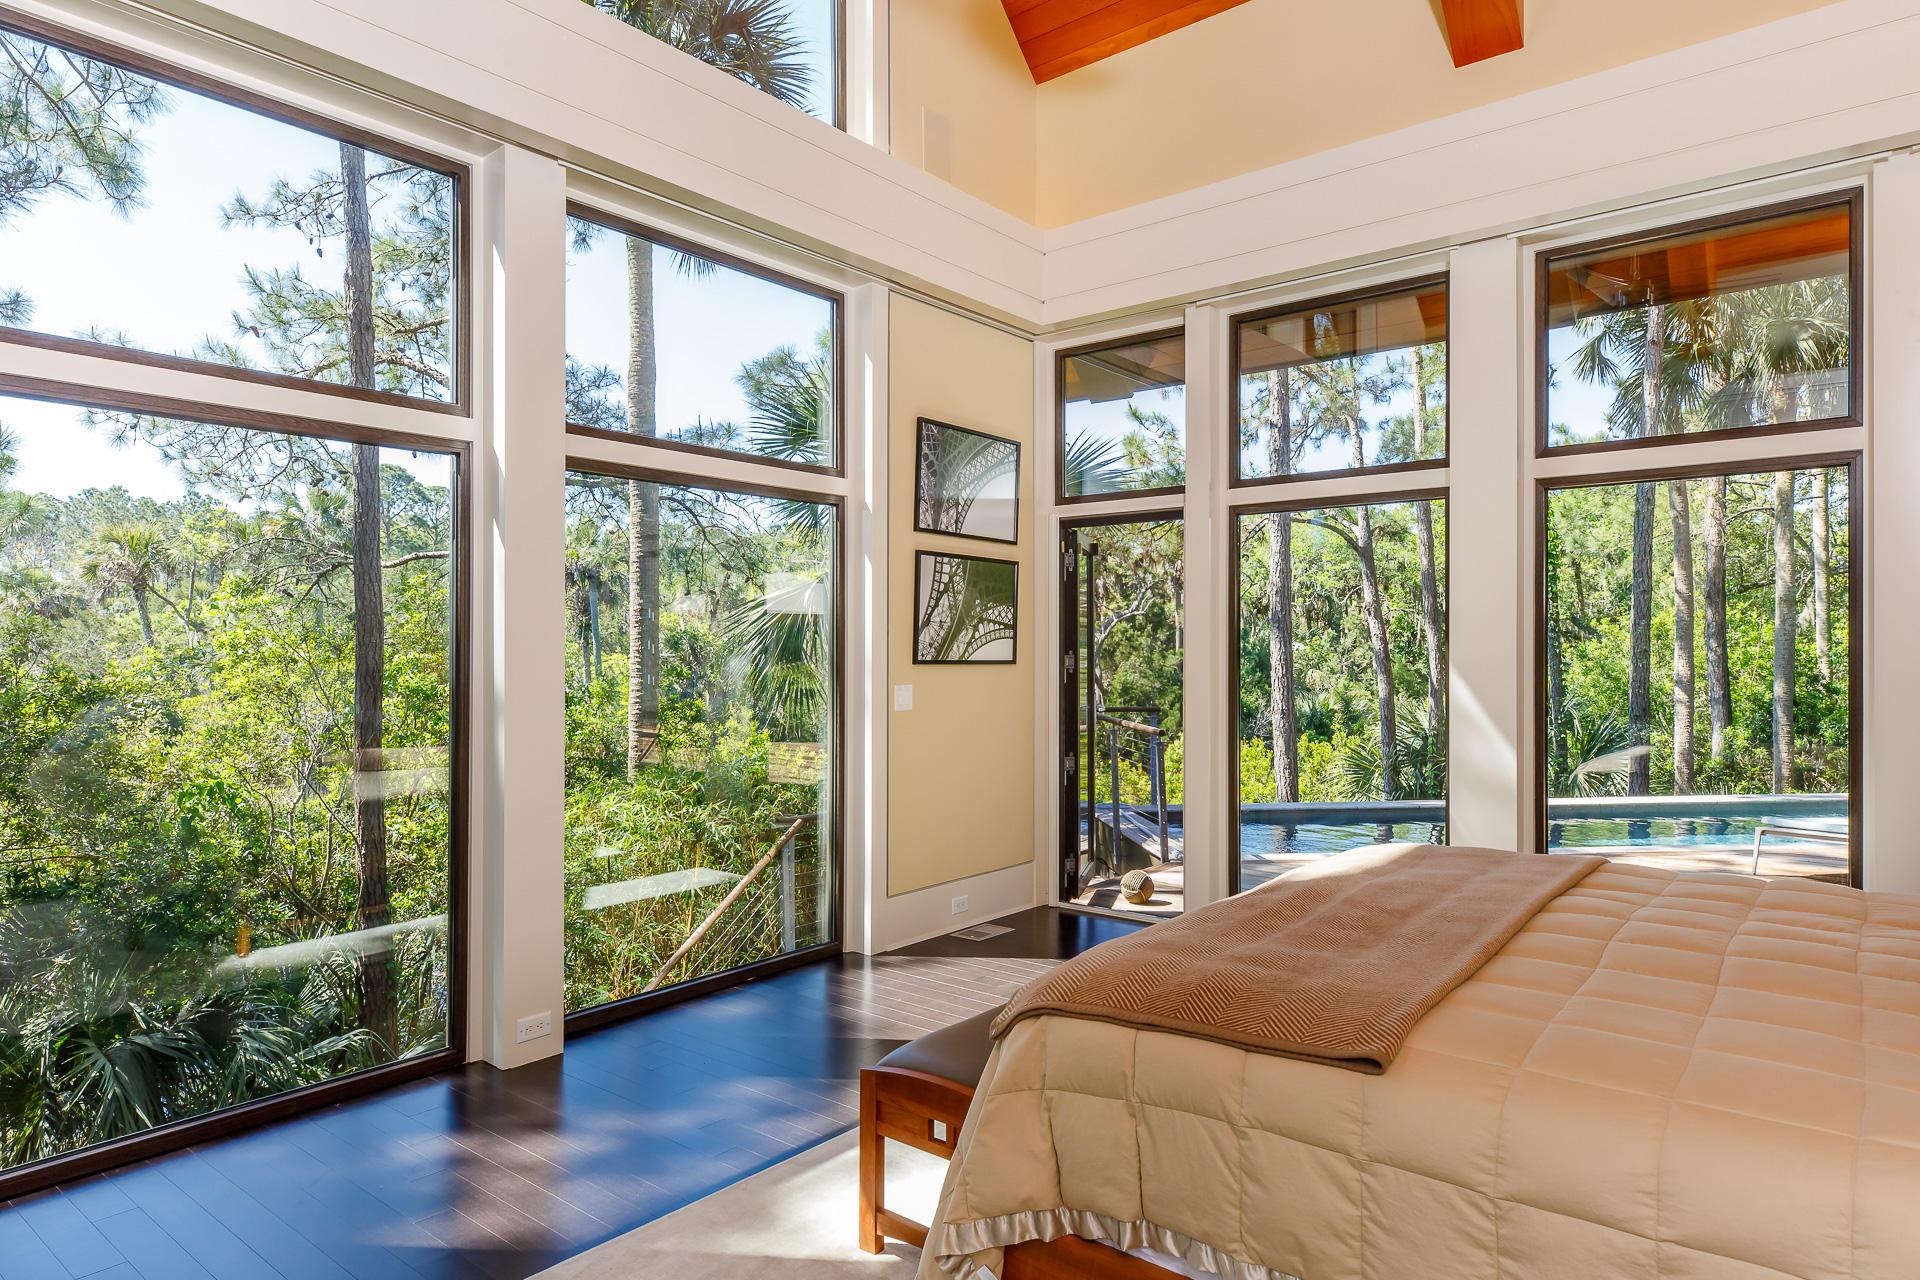 Kiawah Island Homes For Sale - 102 Blue Heron Pond, Kiawah Island, SC - 35